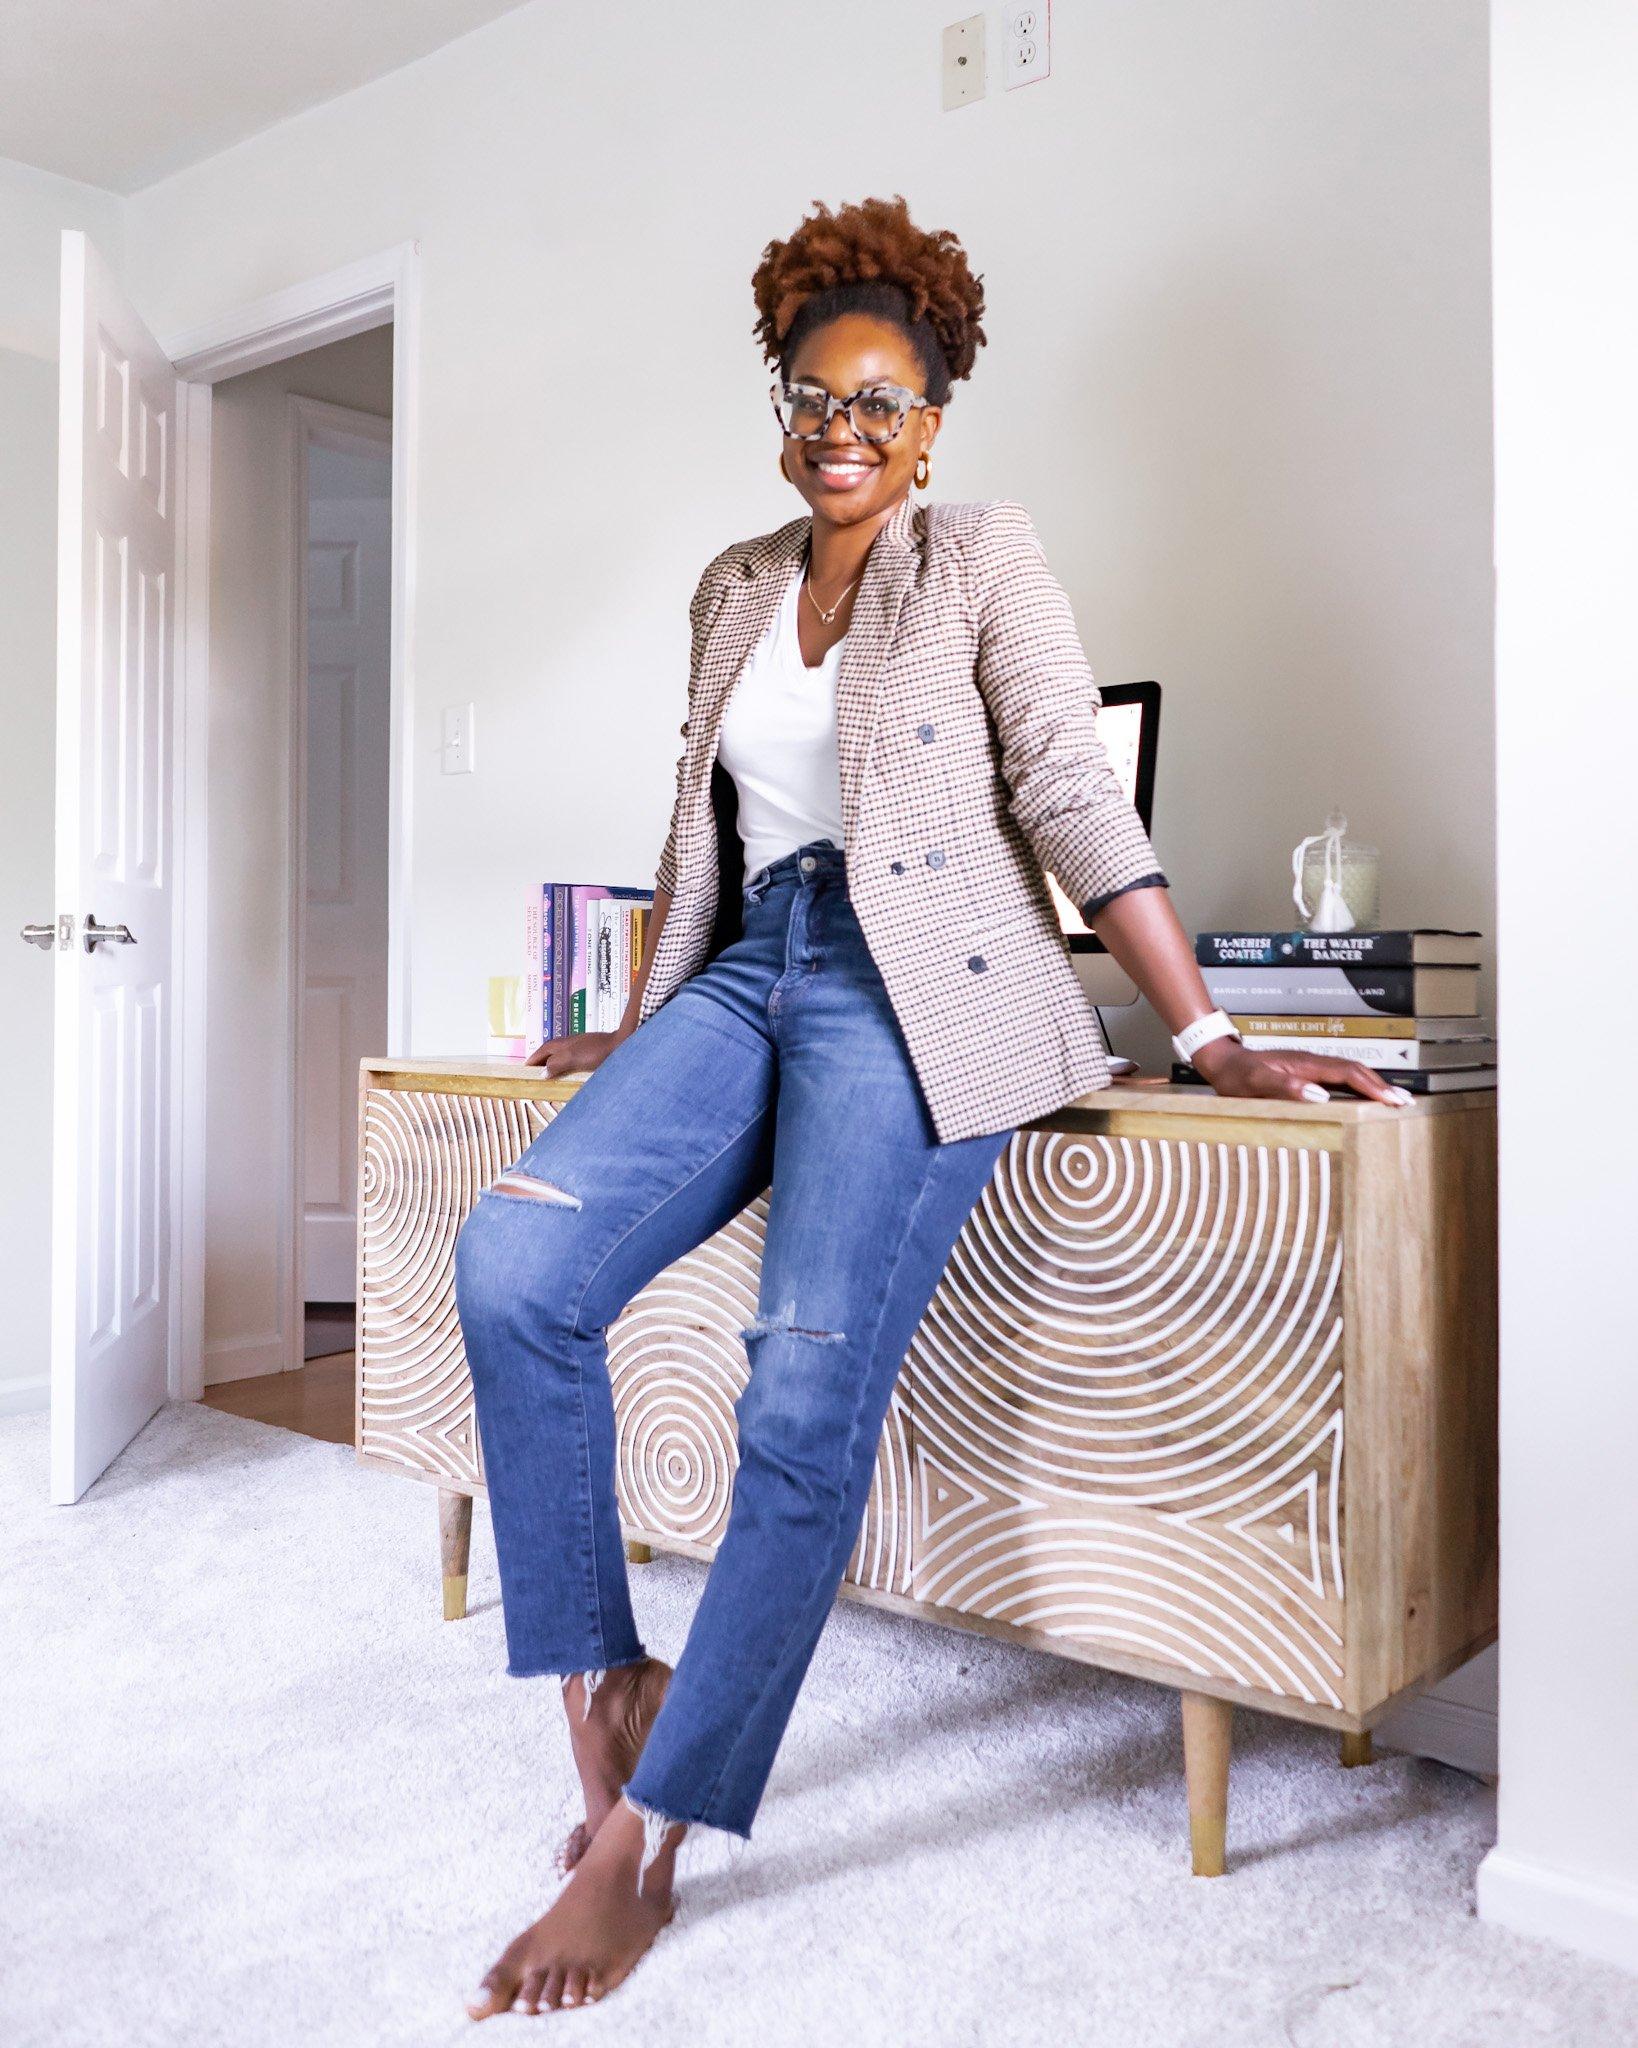 4 Strategies to Balance a Full-Time Job with a Side Hustle | Ijeoma Kola